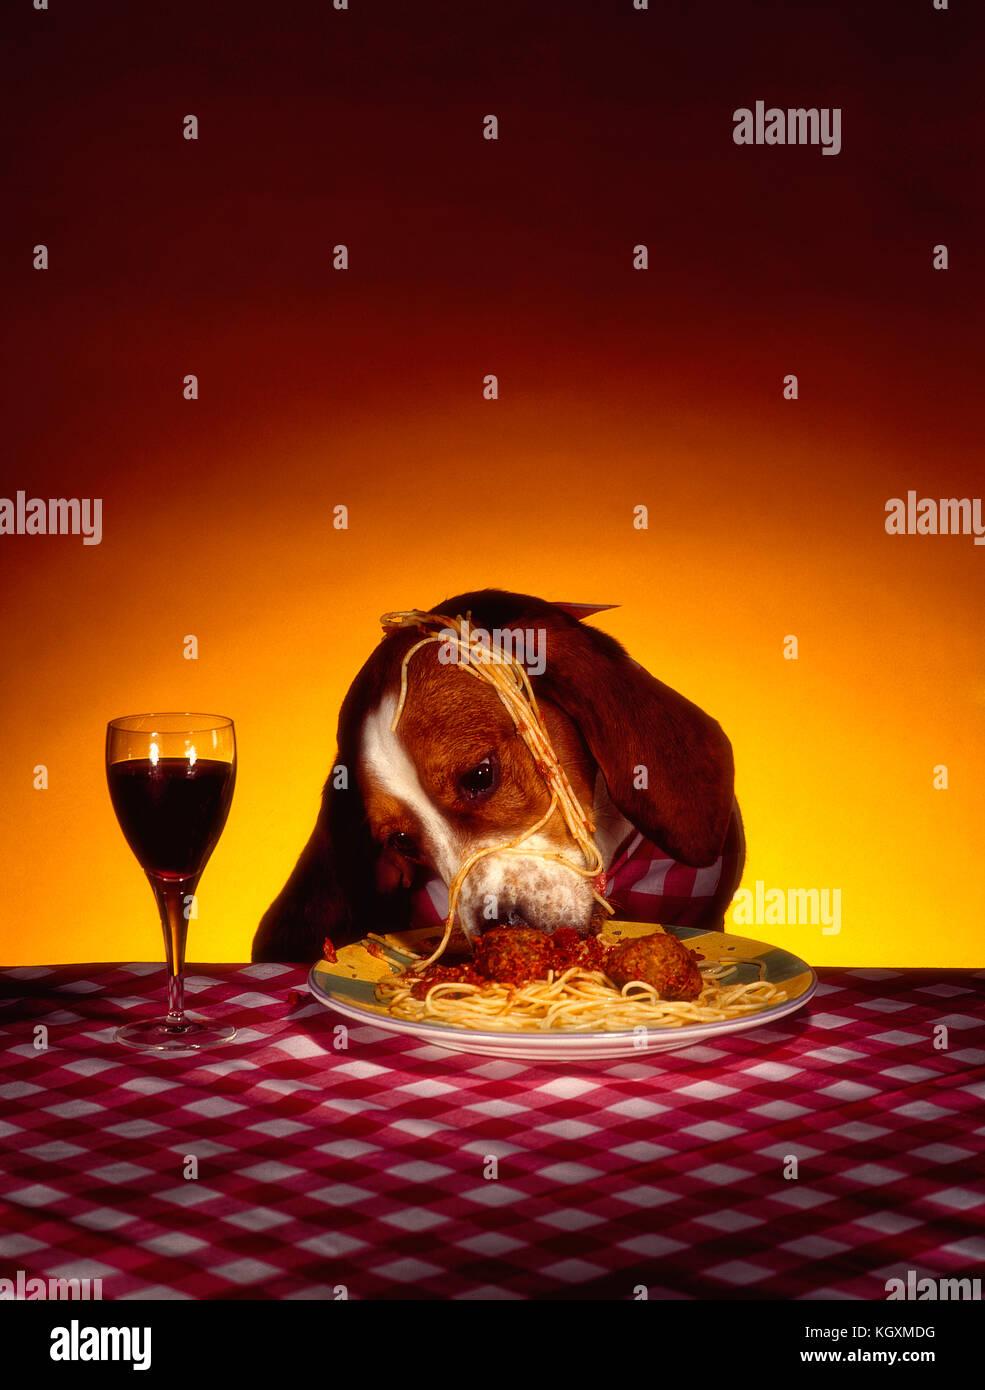 Spaghetti Dog : spaghetti, Eating, Spaghetti, Stock, Photo, Alamy